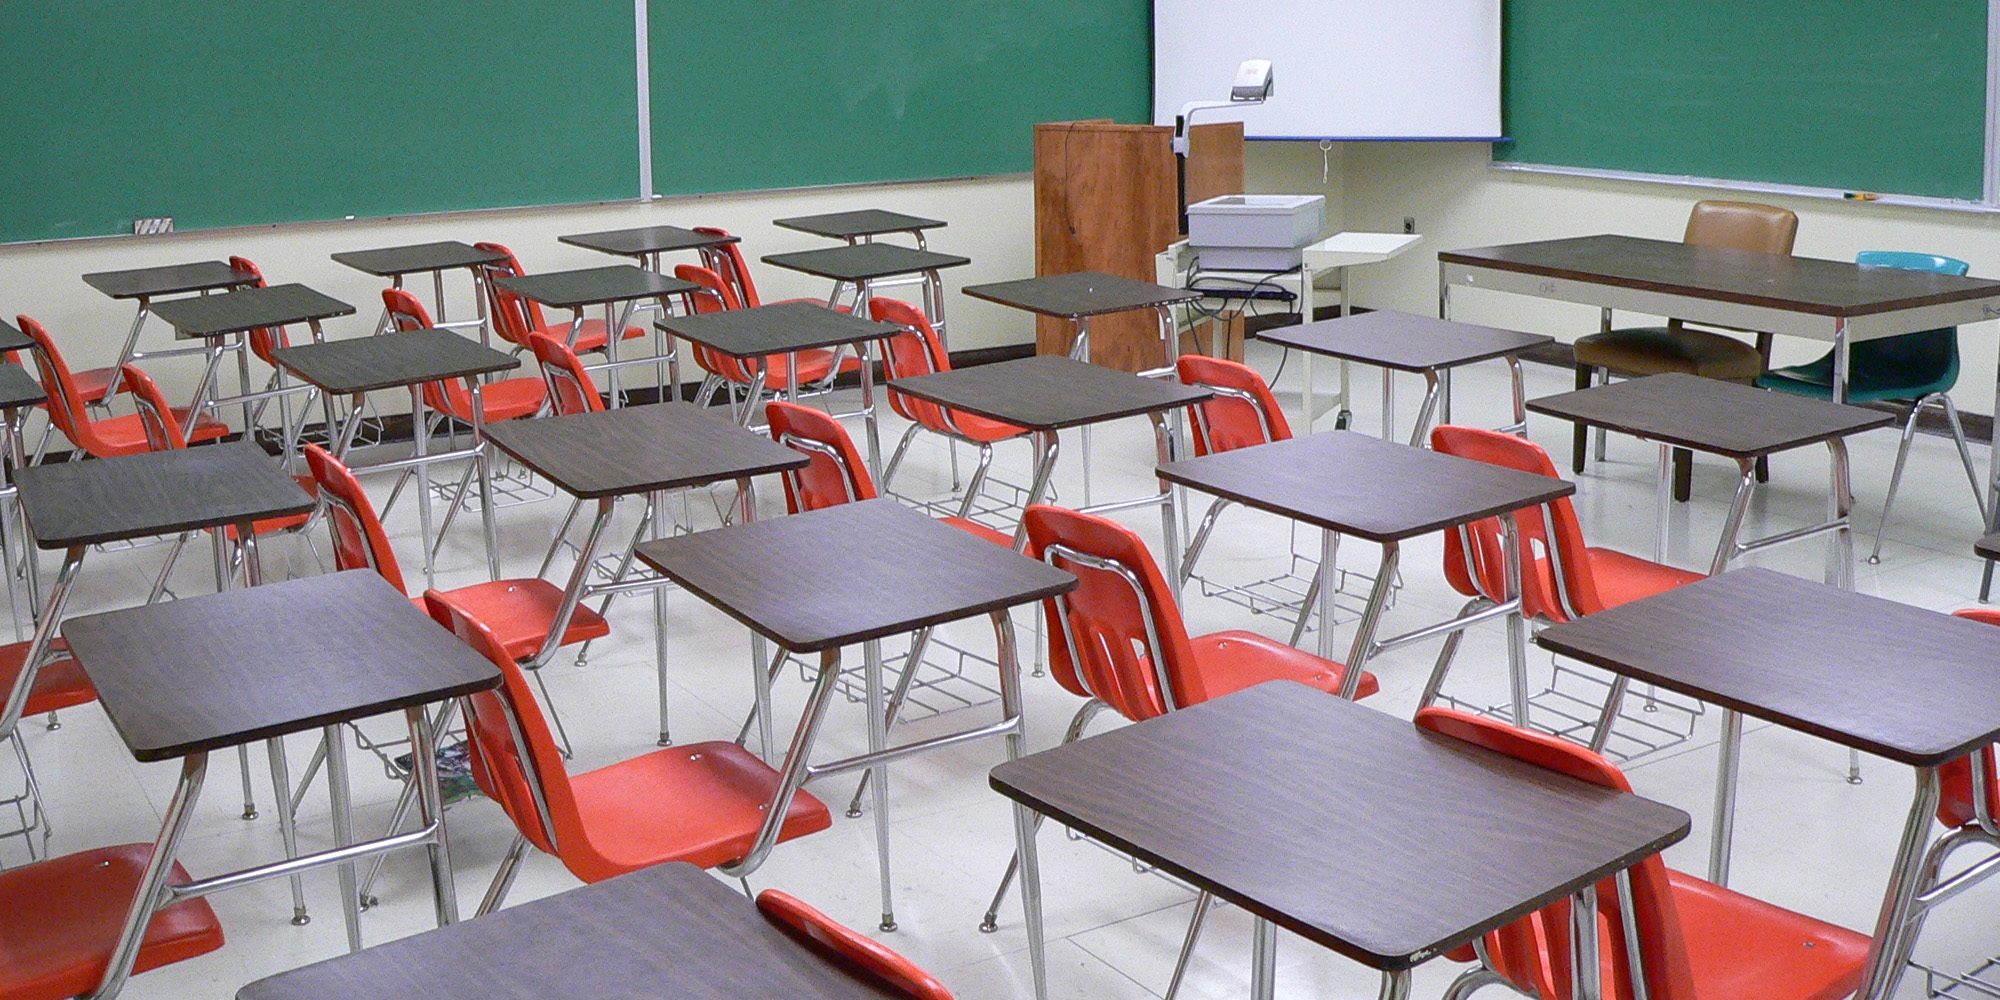 AV Cart Classroom Amplification